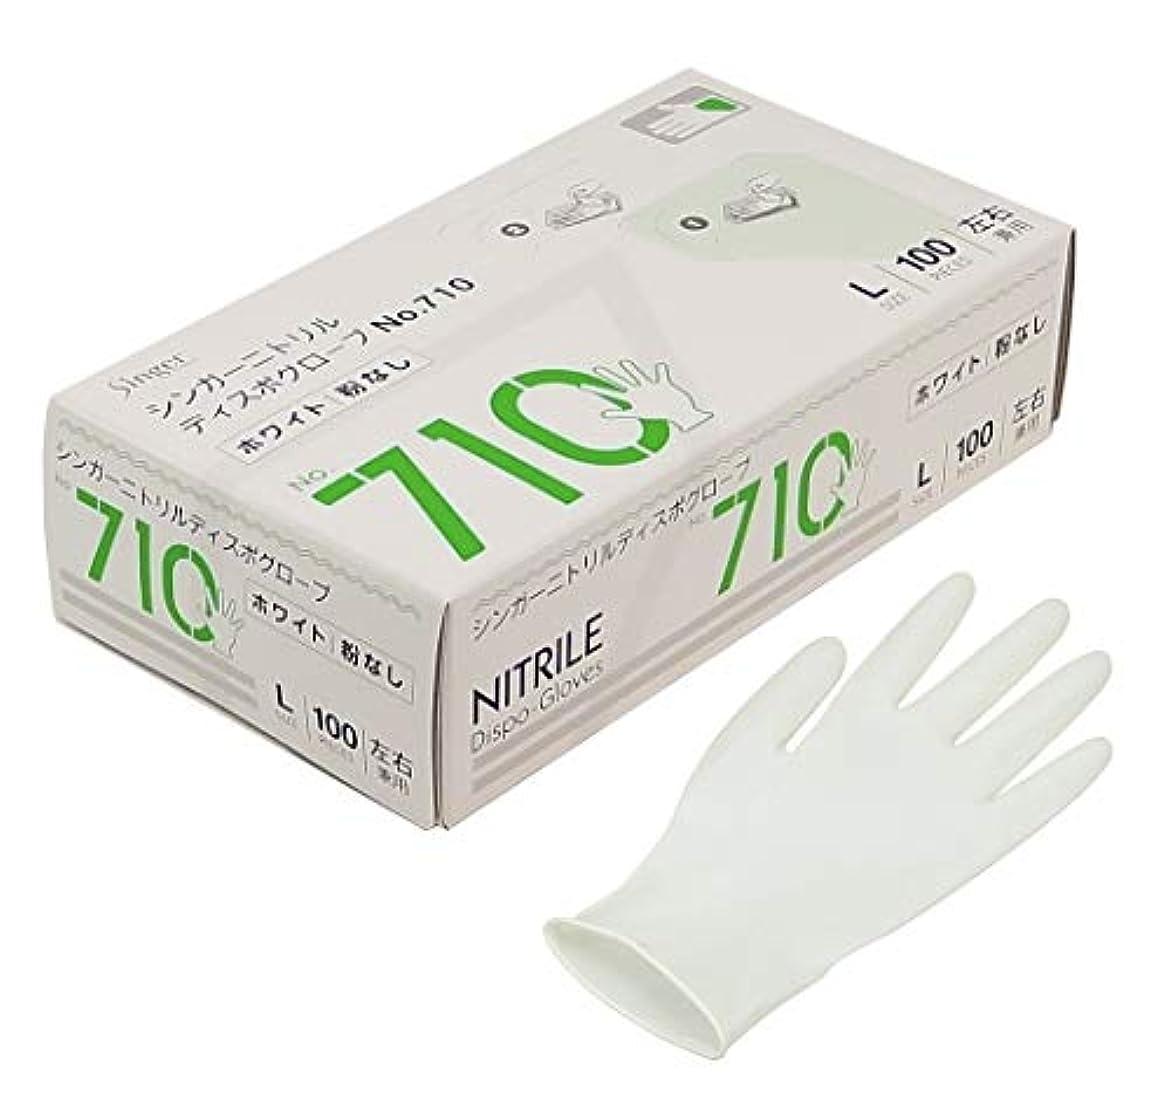 以前は腹痛インスタンスシンガー ニトリルディスポグローブ(手袋) No.710 ホワイト パウダーフリー(100枚) L